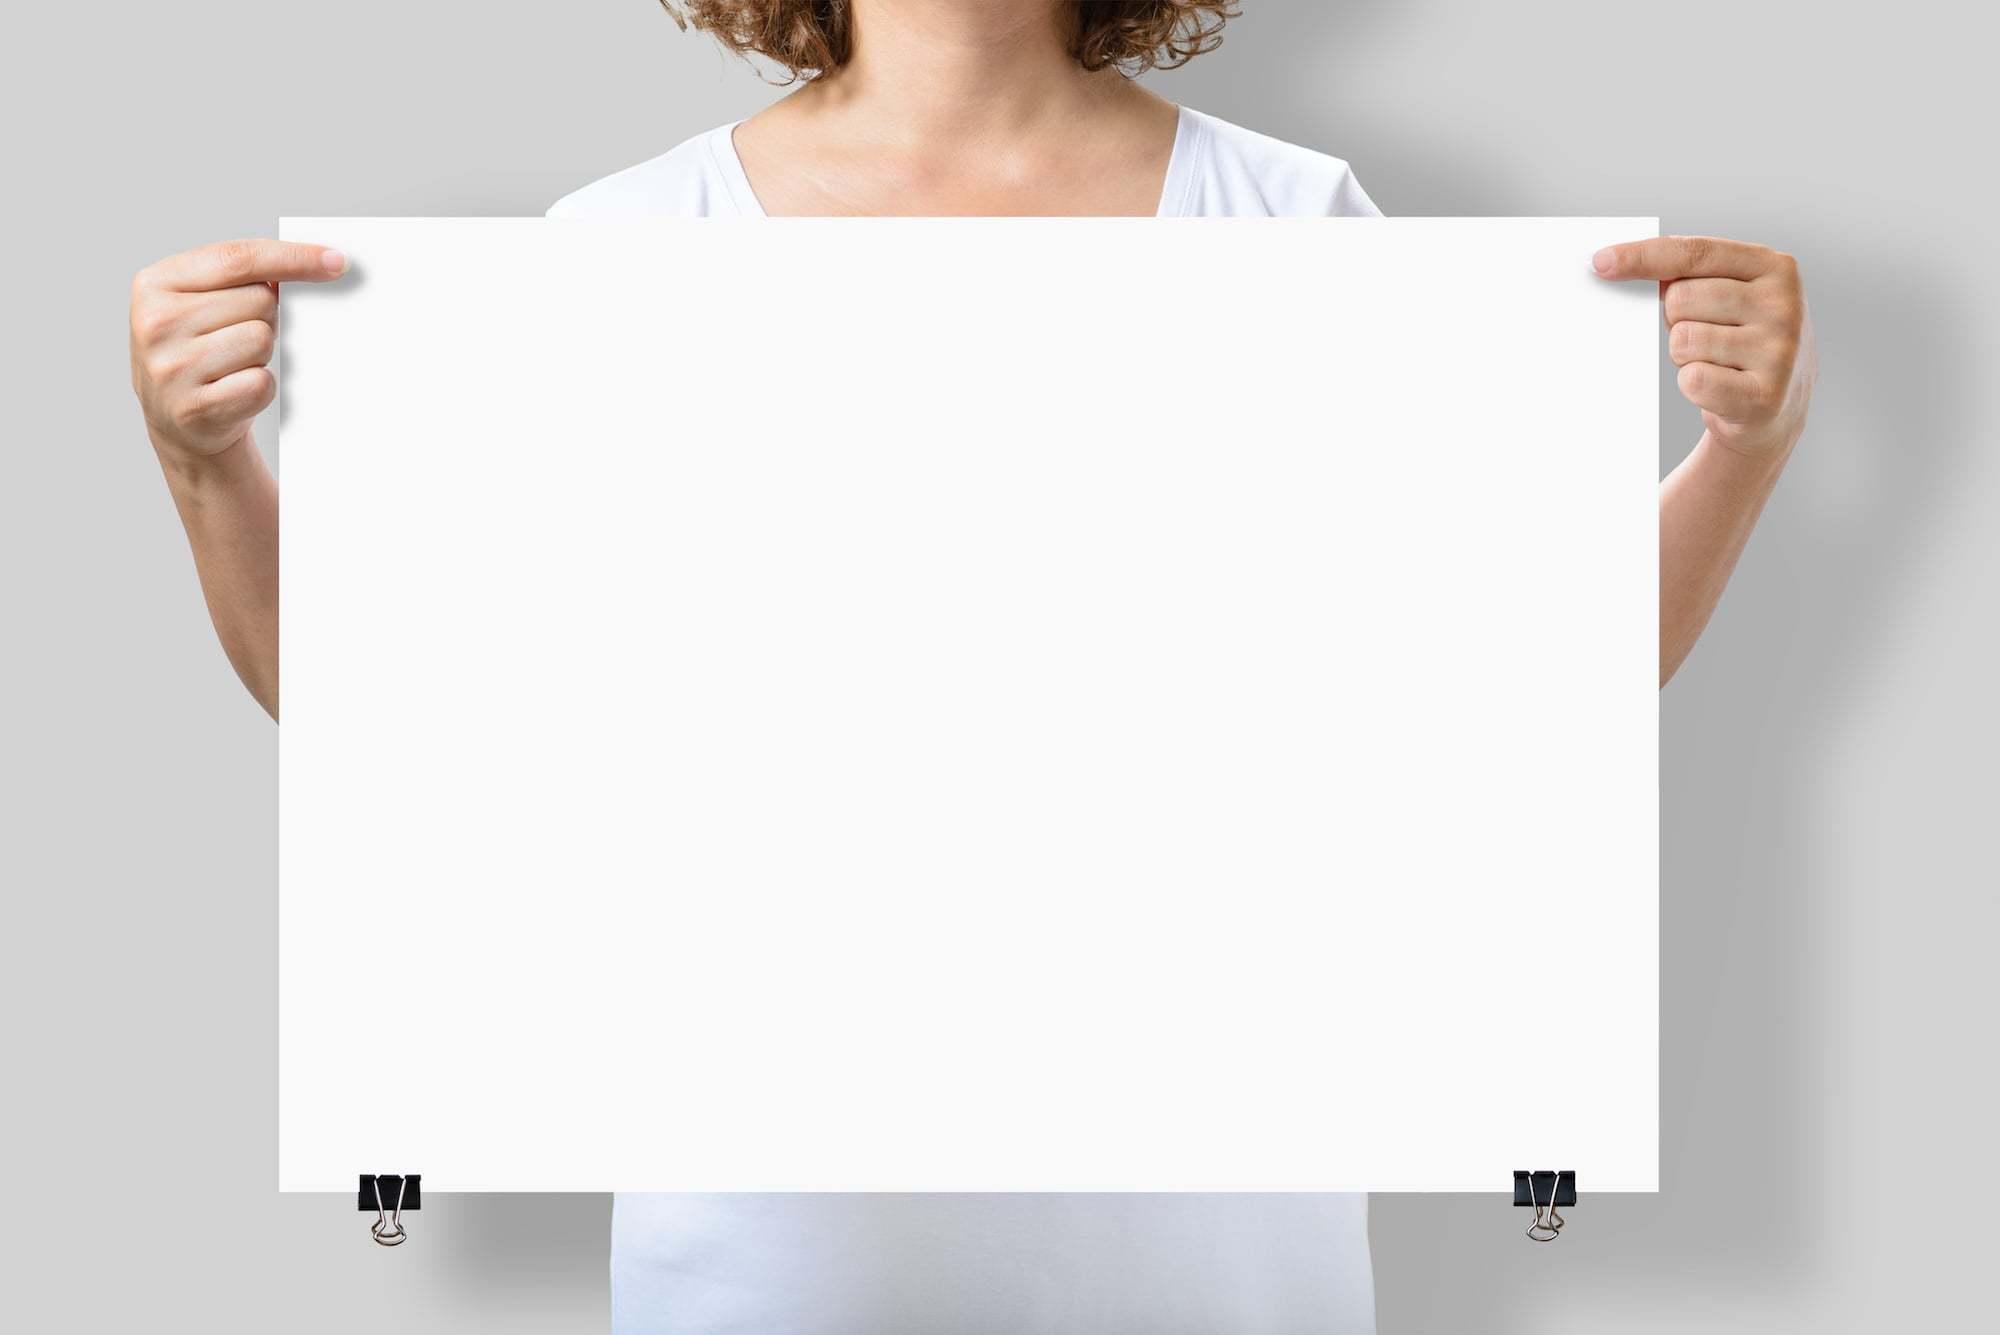 Il Vuoto: da timore a possibilità con il Processo Creativo | Dipendiamo.blog